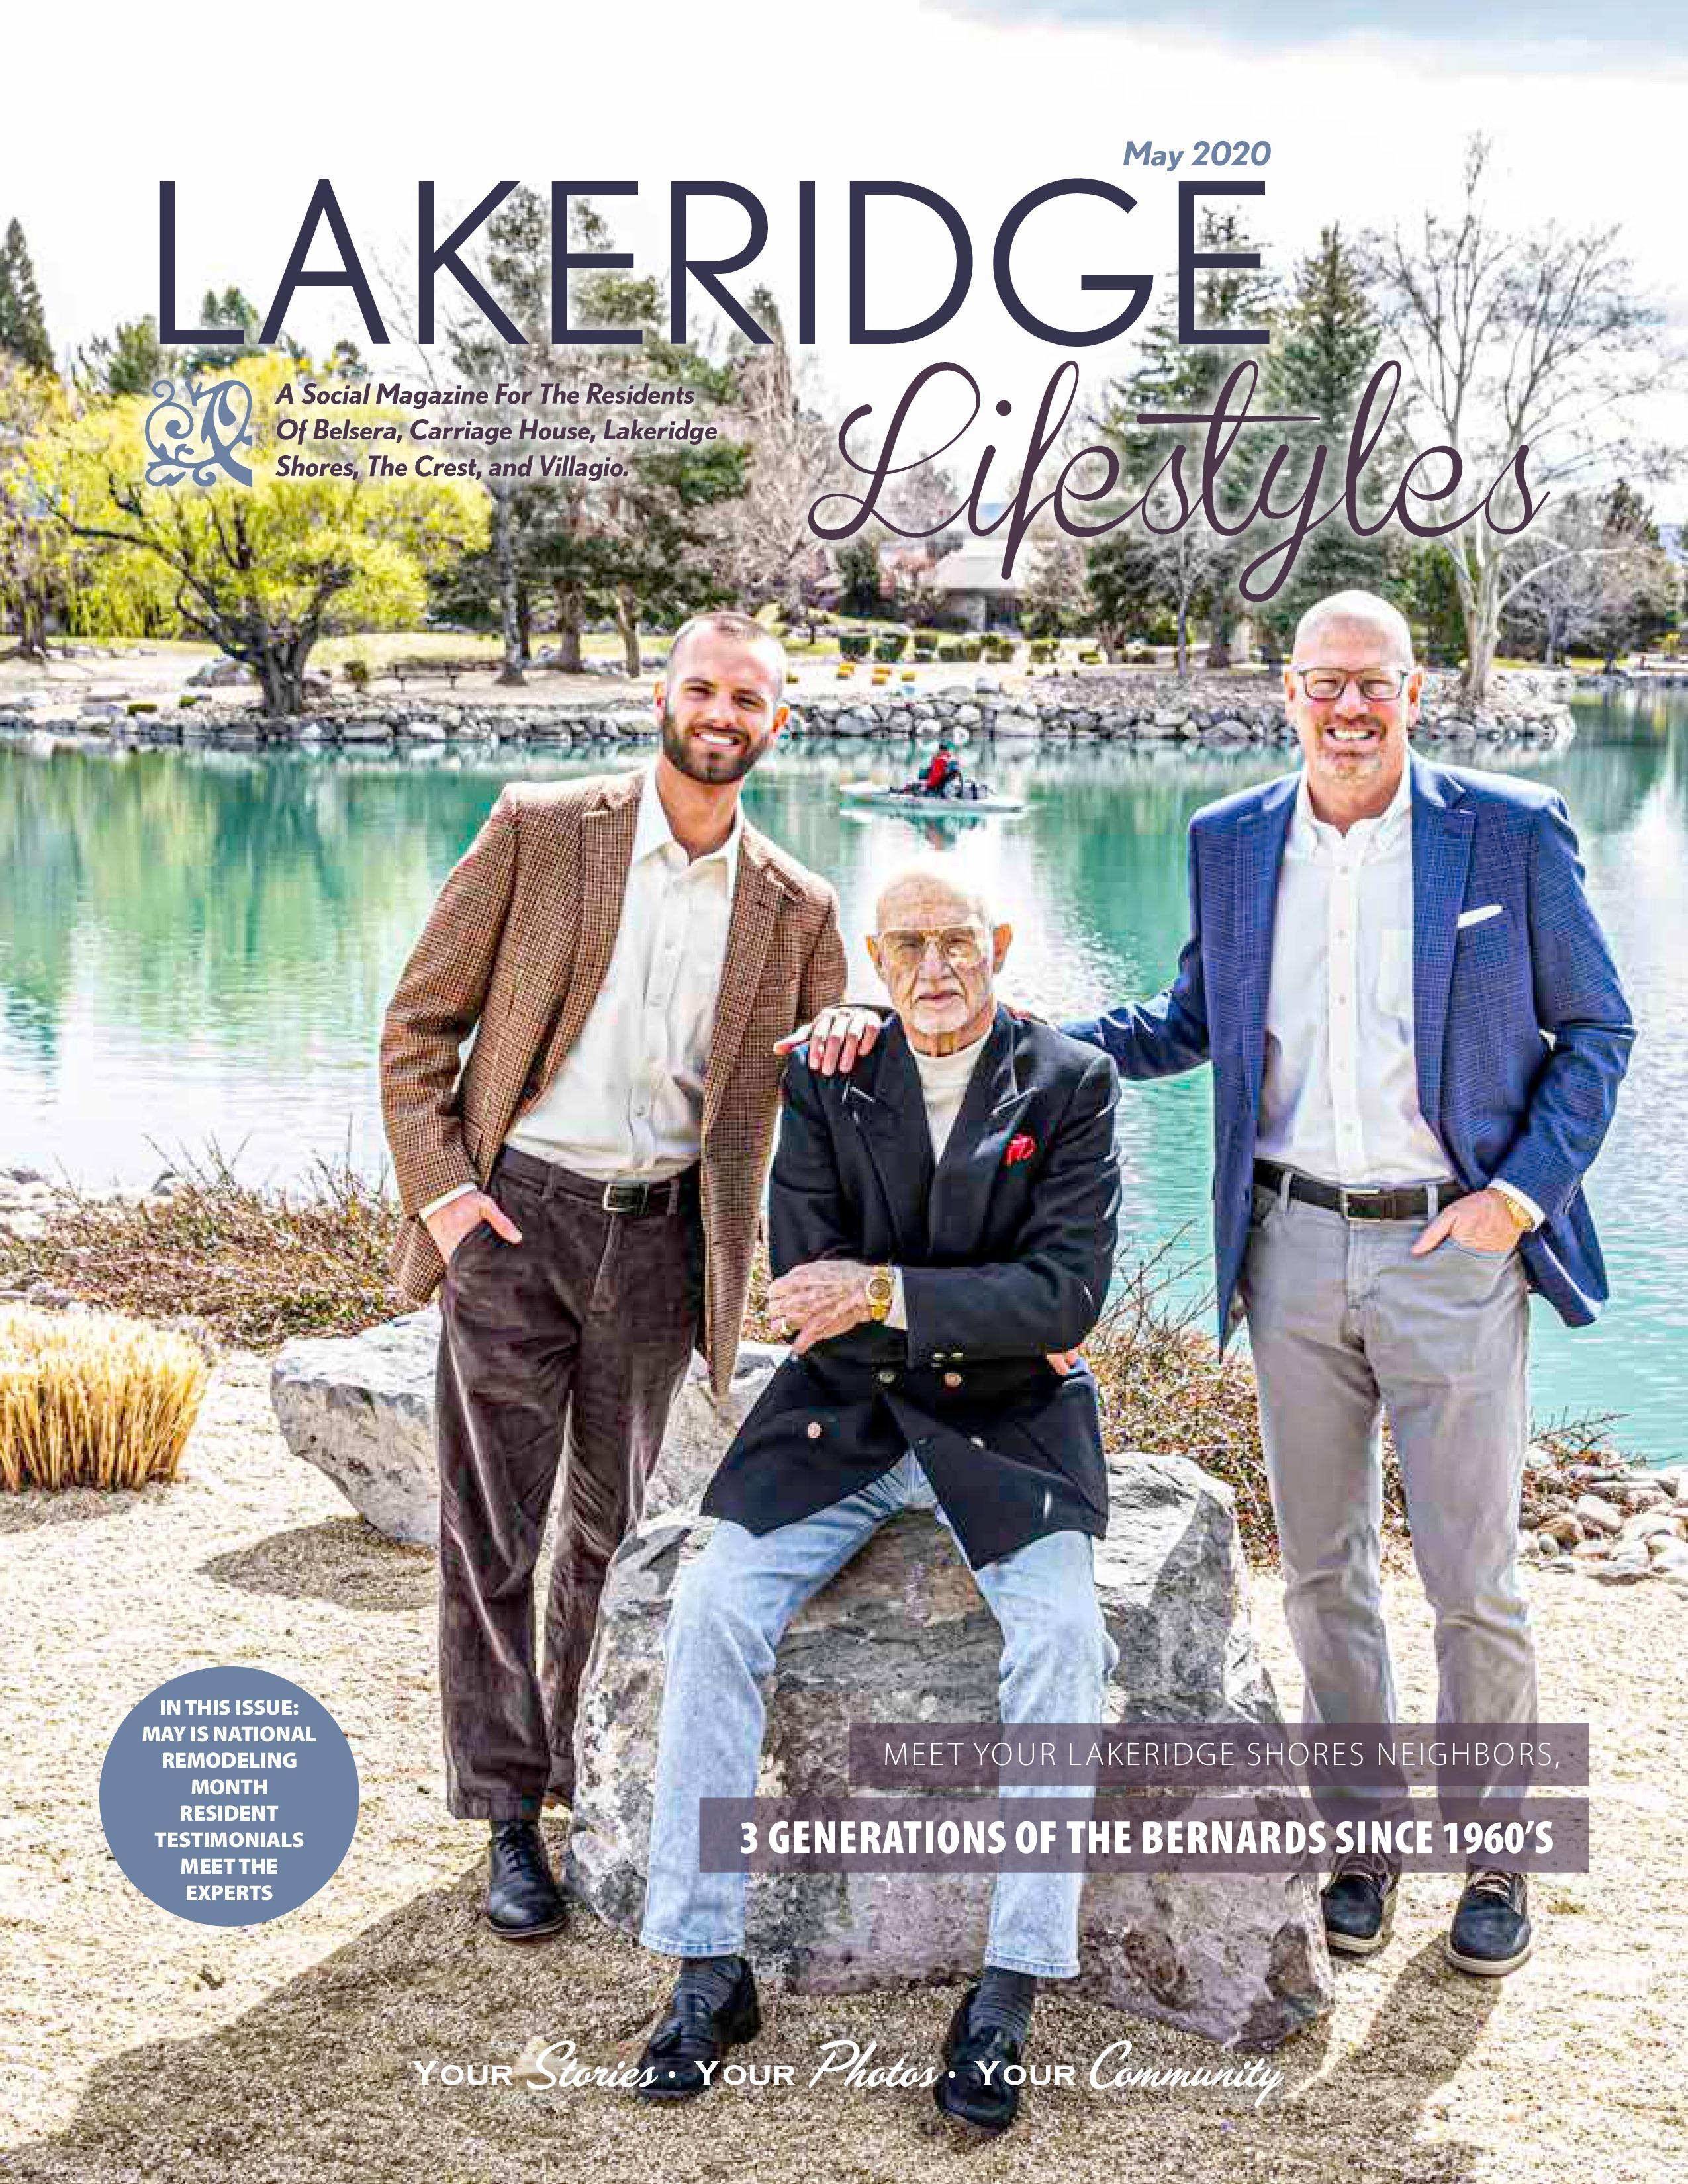 May 2020 lakeridge lifestyles page 1